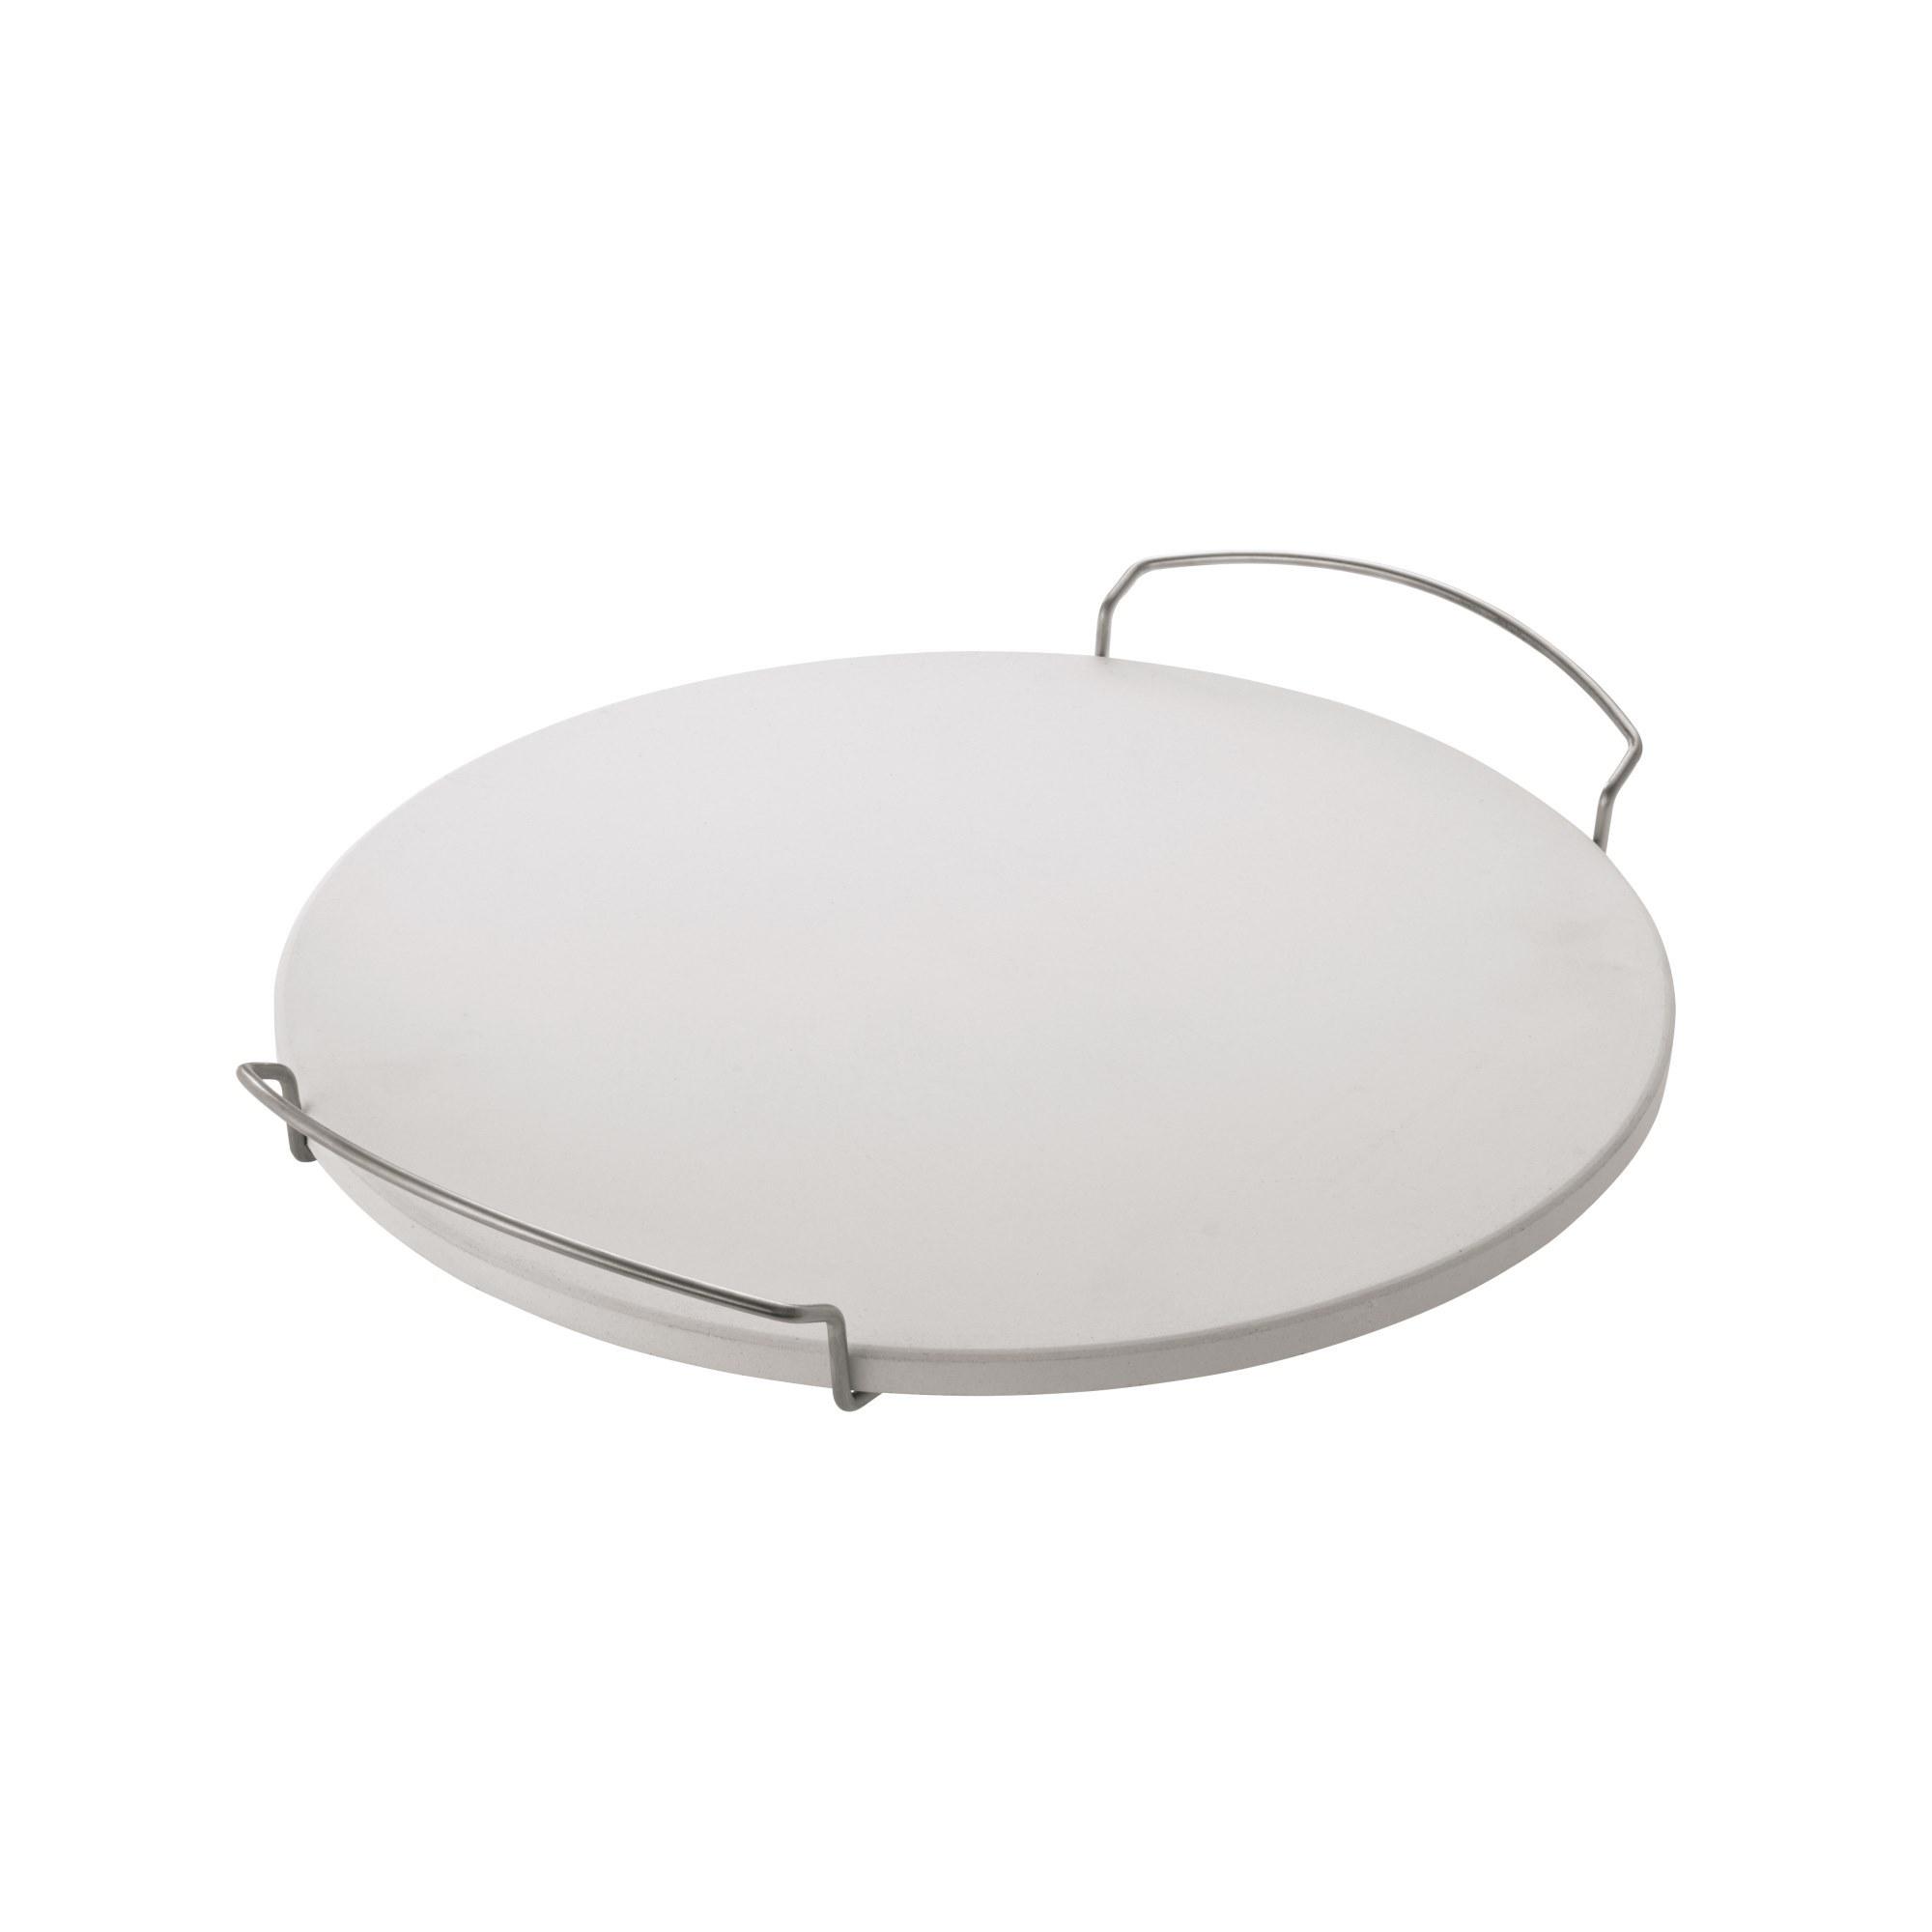 r sle bbq pizzastein rund 41 cm grillstein ebay. Black Bedroom Furniture Sets. Home Design Ideas